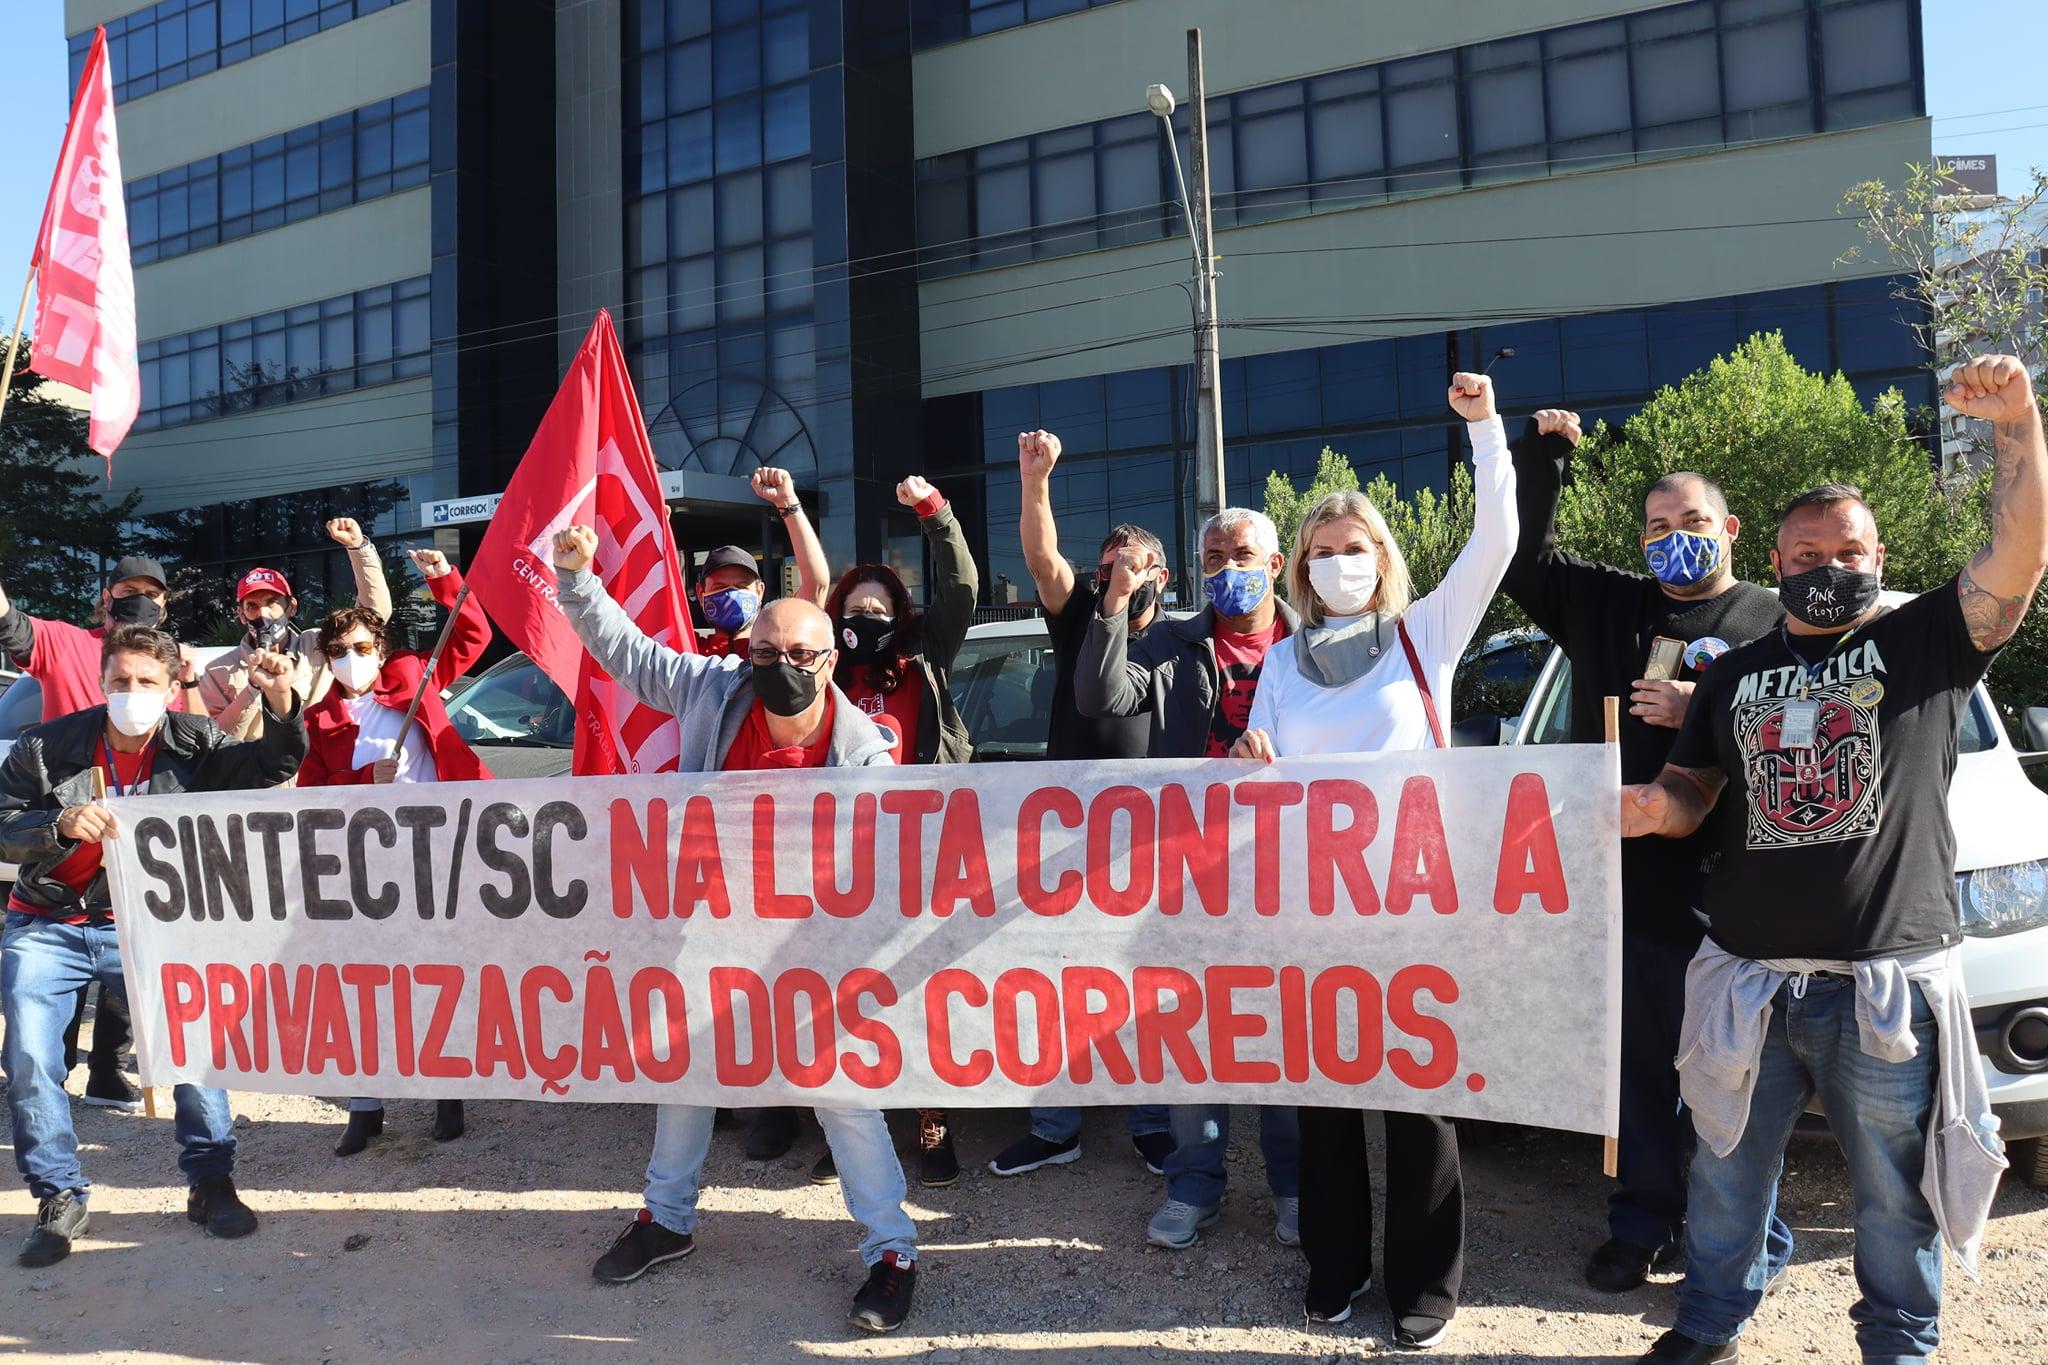 SINTESPE APOIA TRABALHADORES DOS CORREIOS CONTRA A PRIVATIZAÇÃO